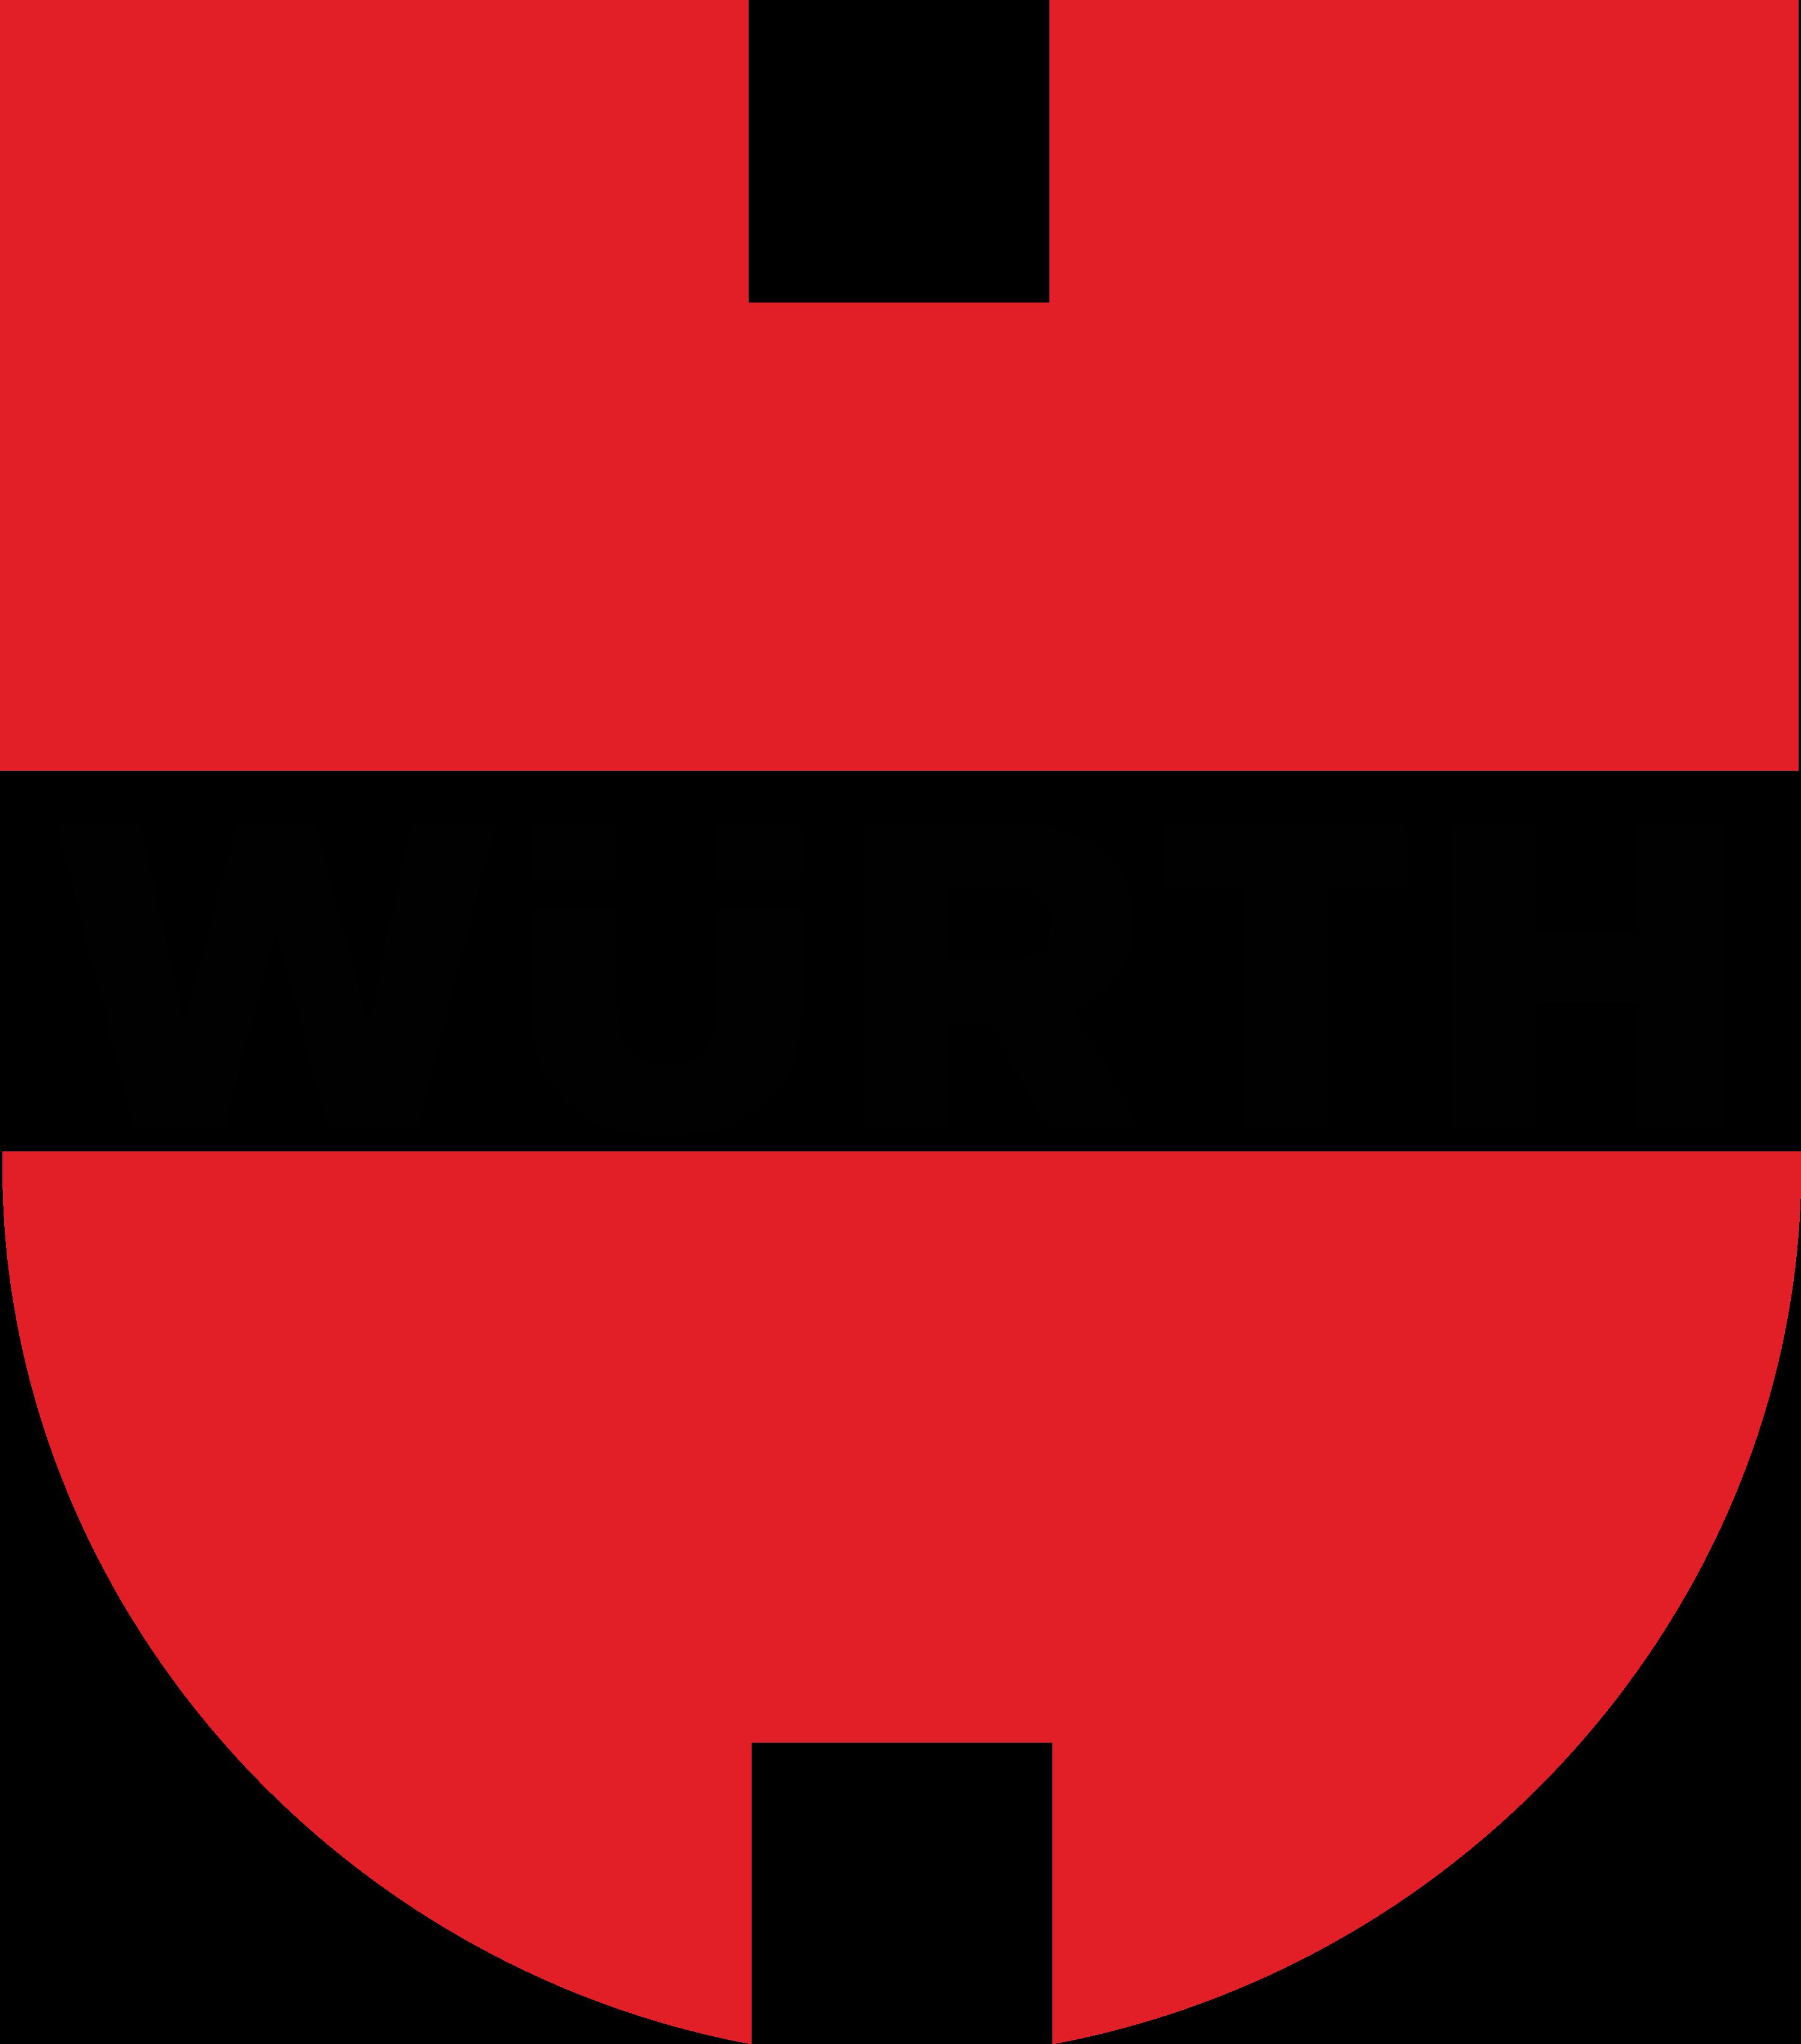 wurth logo 8 - Wurth Logo